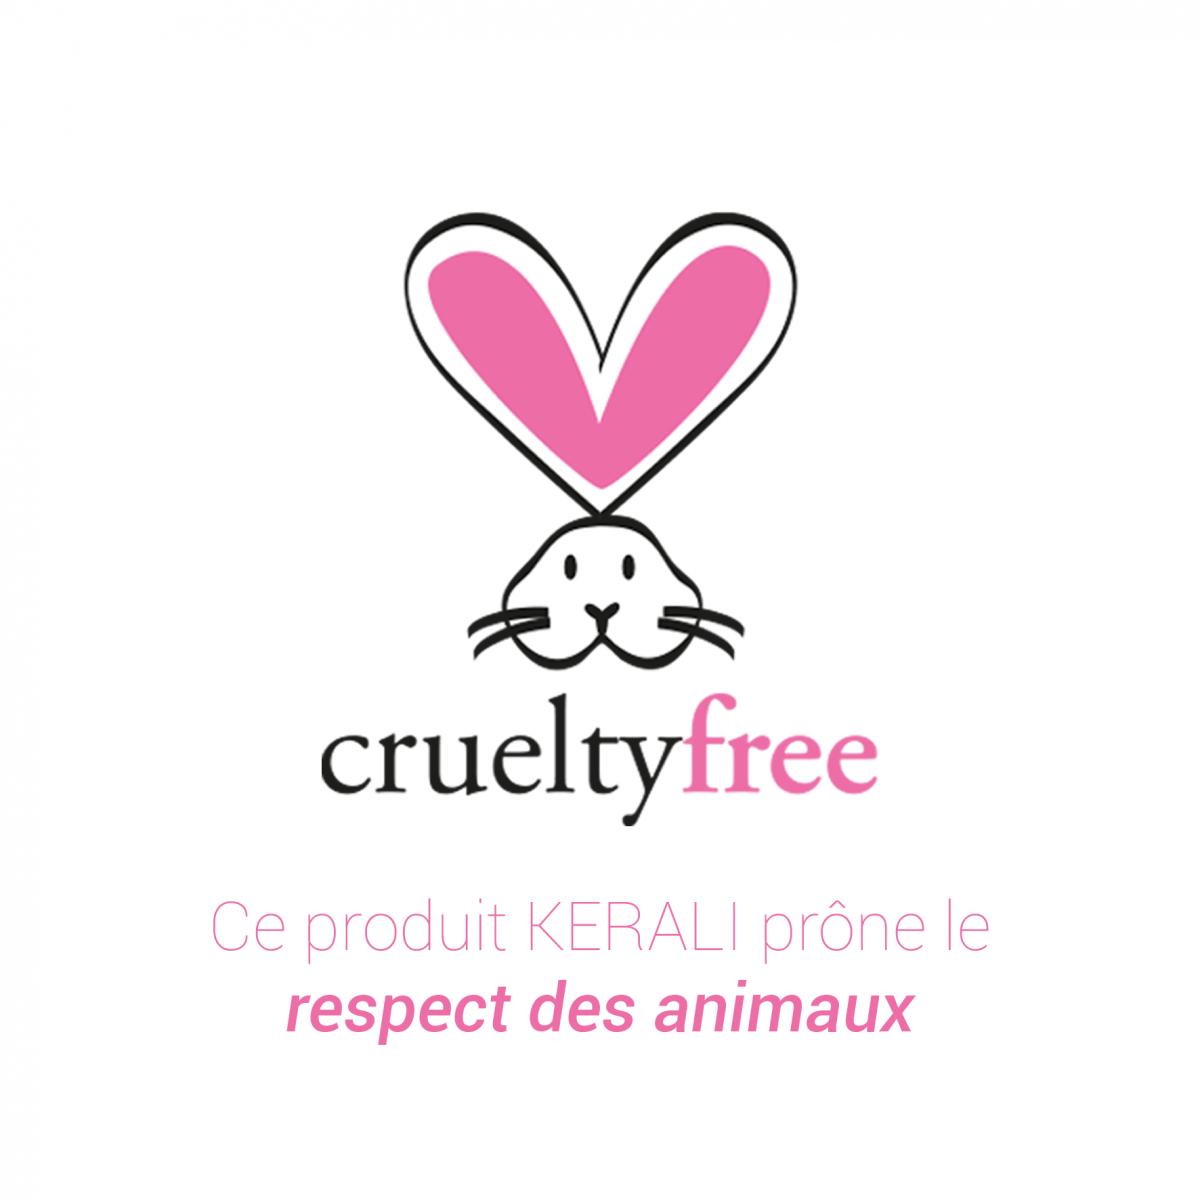 CRUELTYFREE_Label_KERALI